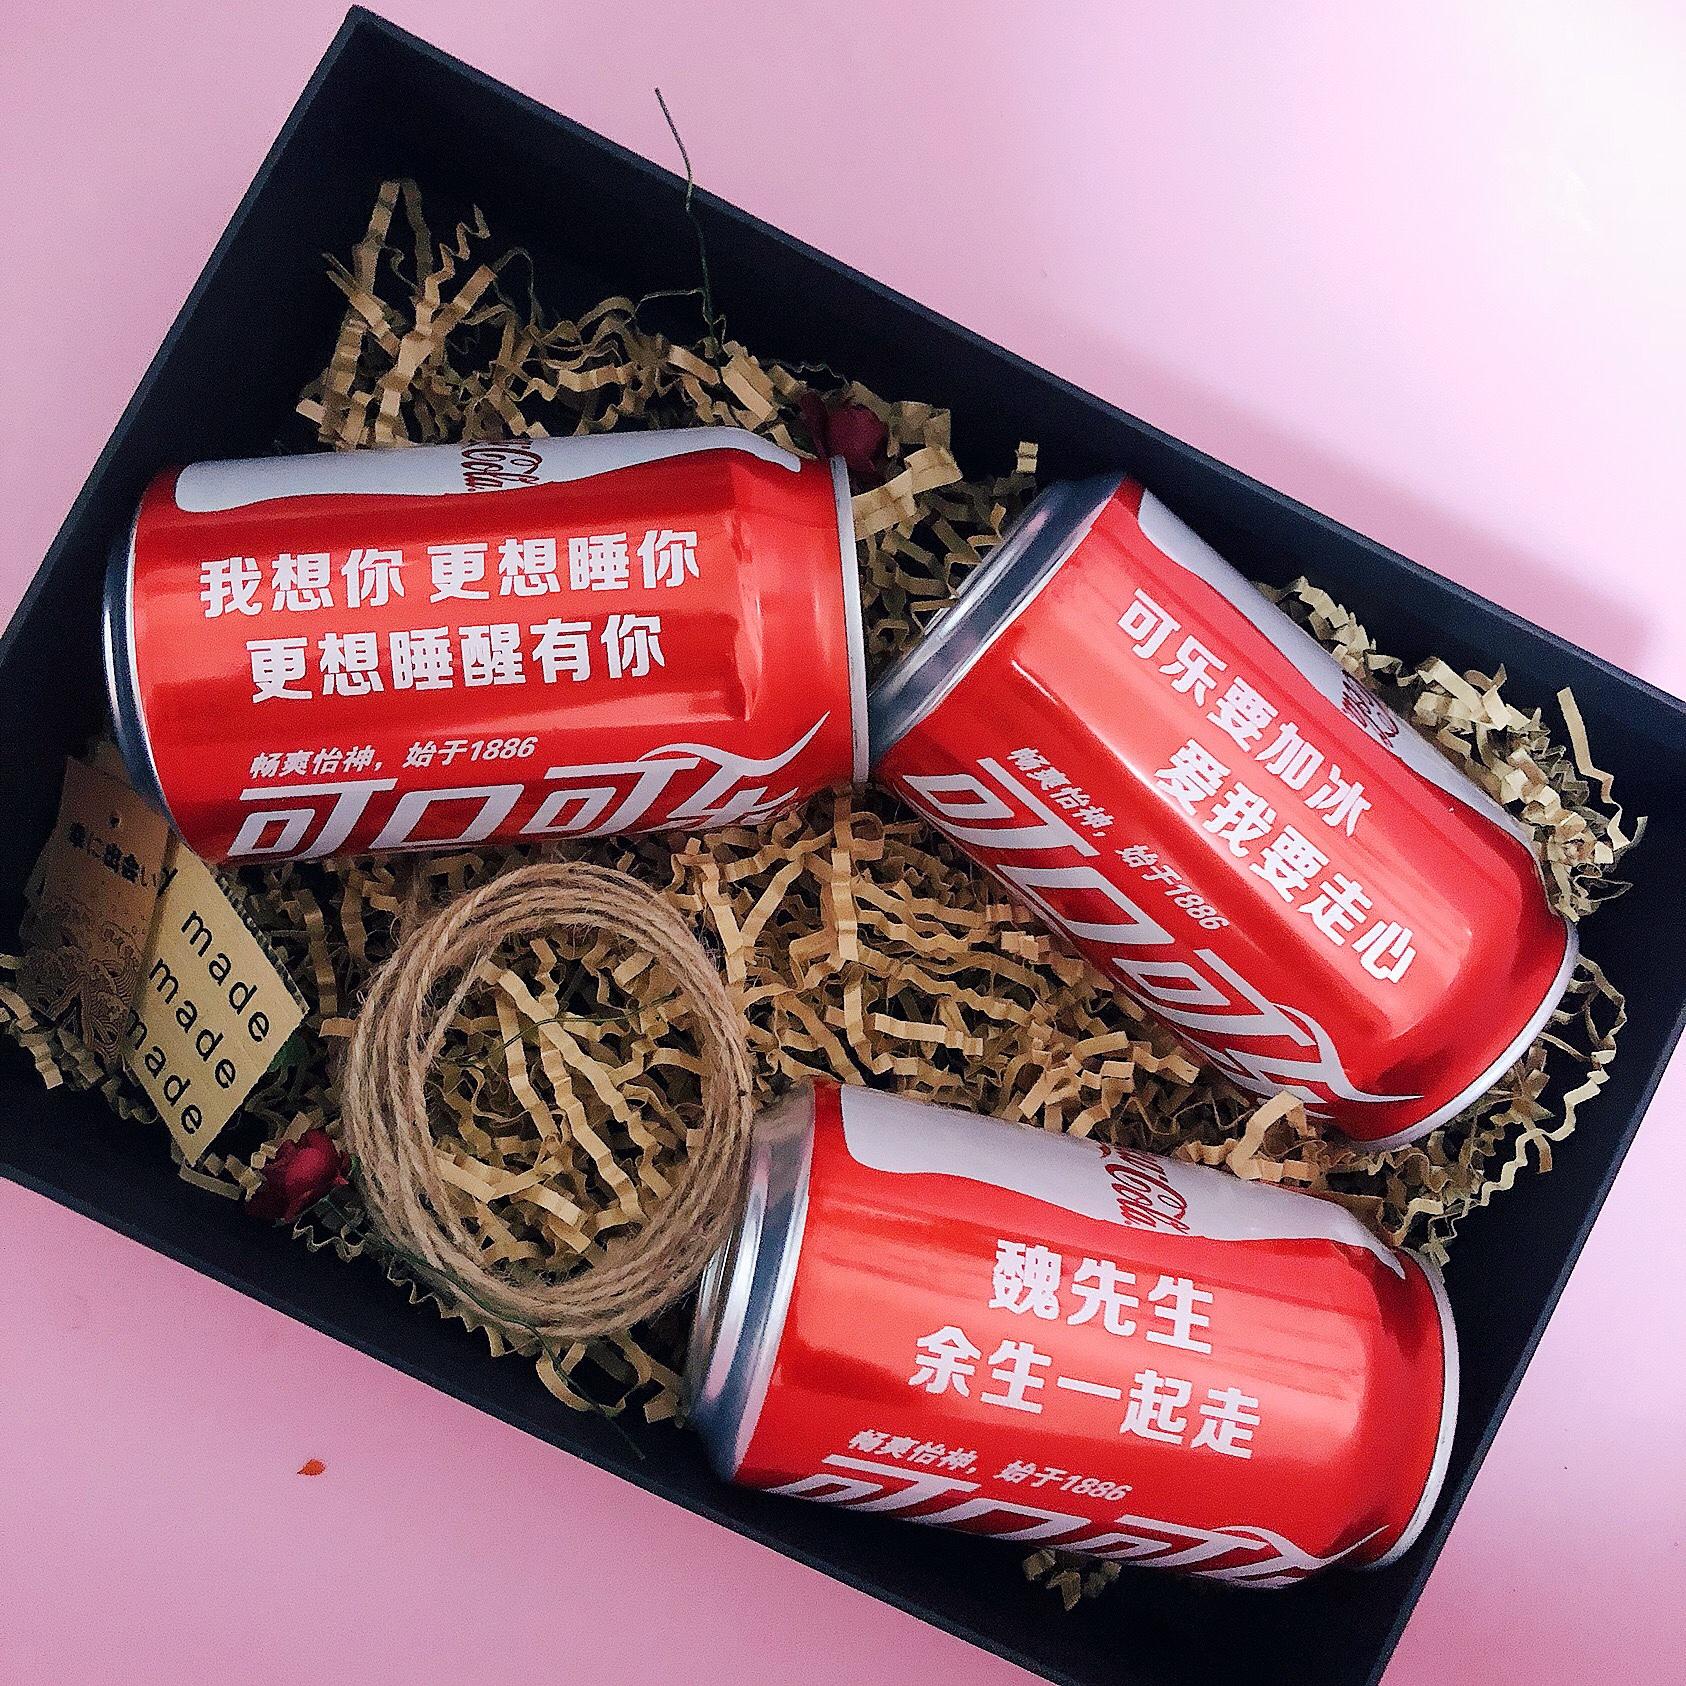 可口可乐百事可乐易拉罐3瓶礼盒装 定制名字生日礼物礼品小红书版